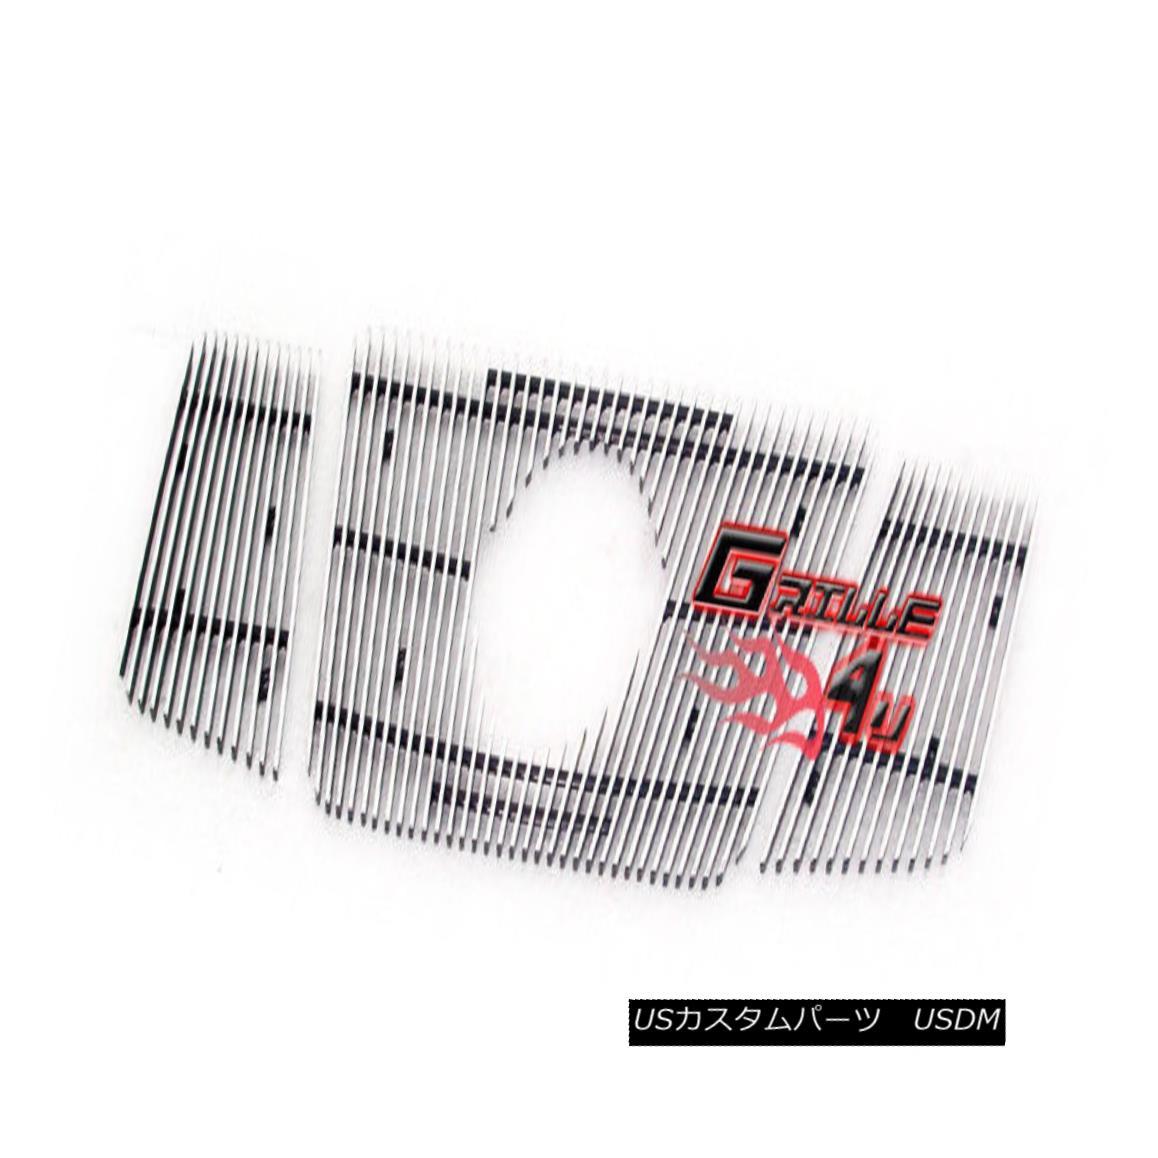 グリル For 2008-2015 Nissan Armada Vertical Billet Grille Insert With Logo Show 日産アルマダ縦型ビレットグリルインサートロゴショー